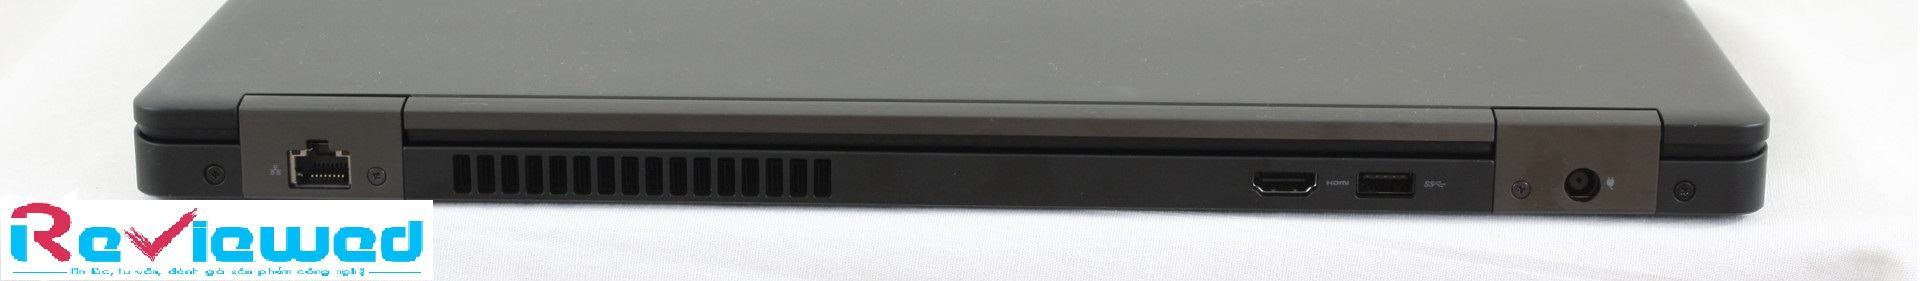 đánh giá Dell Precision 3530